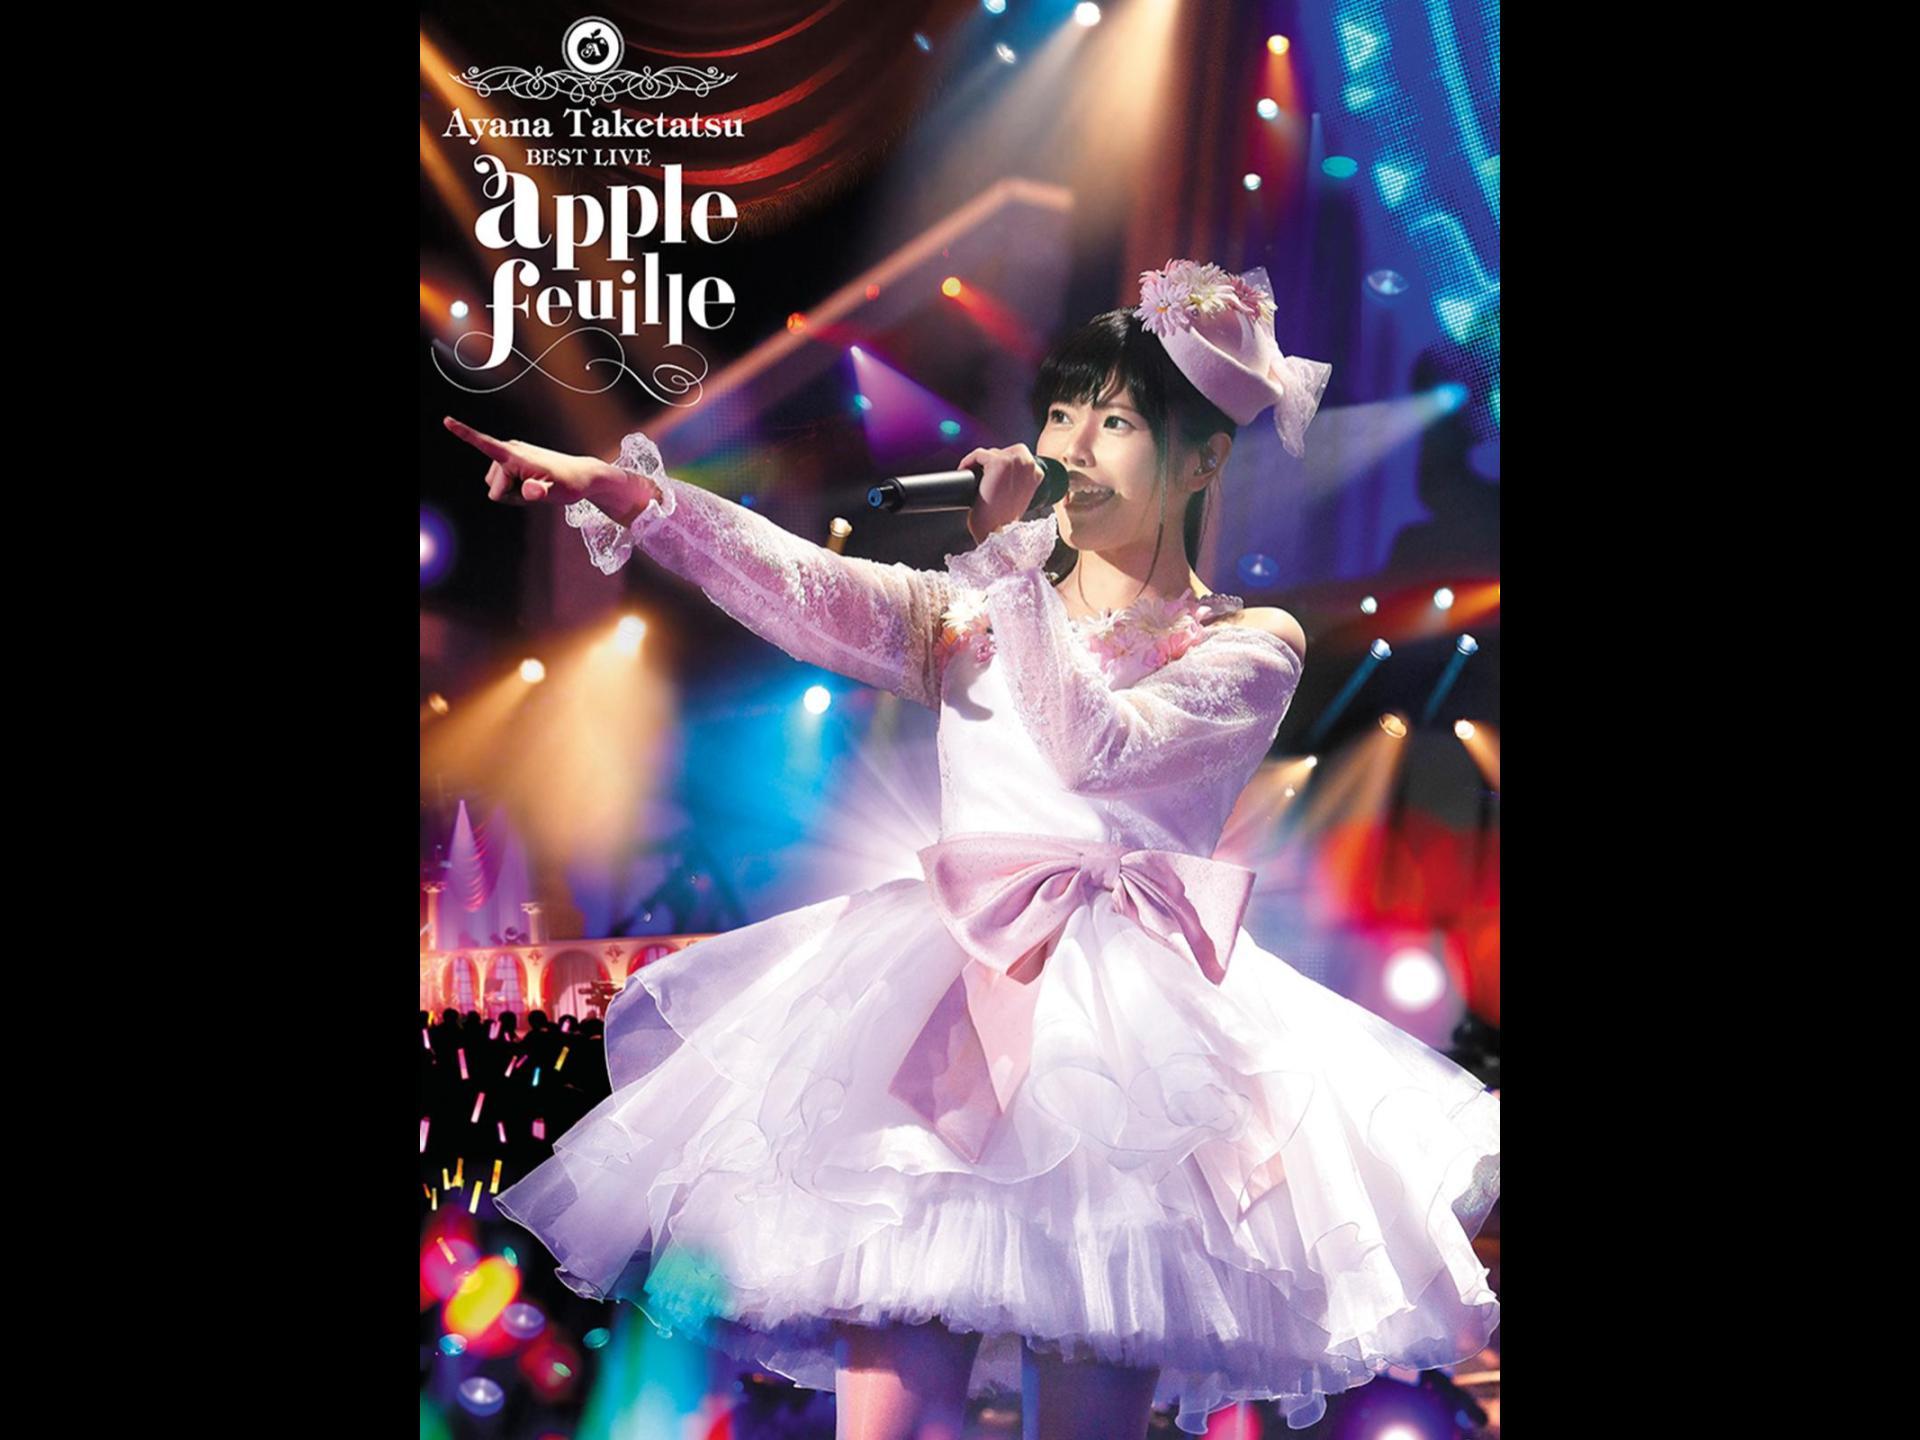 """竹達彩奈 BESTLIVE""""apple feuille"""""""